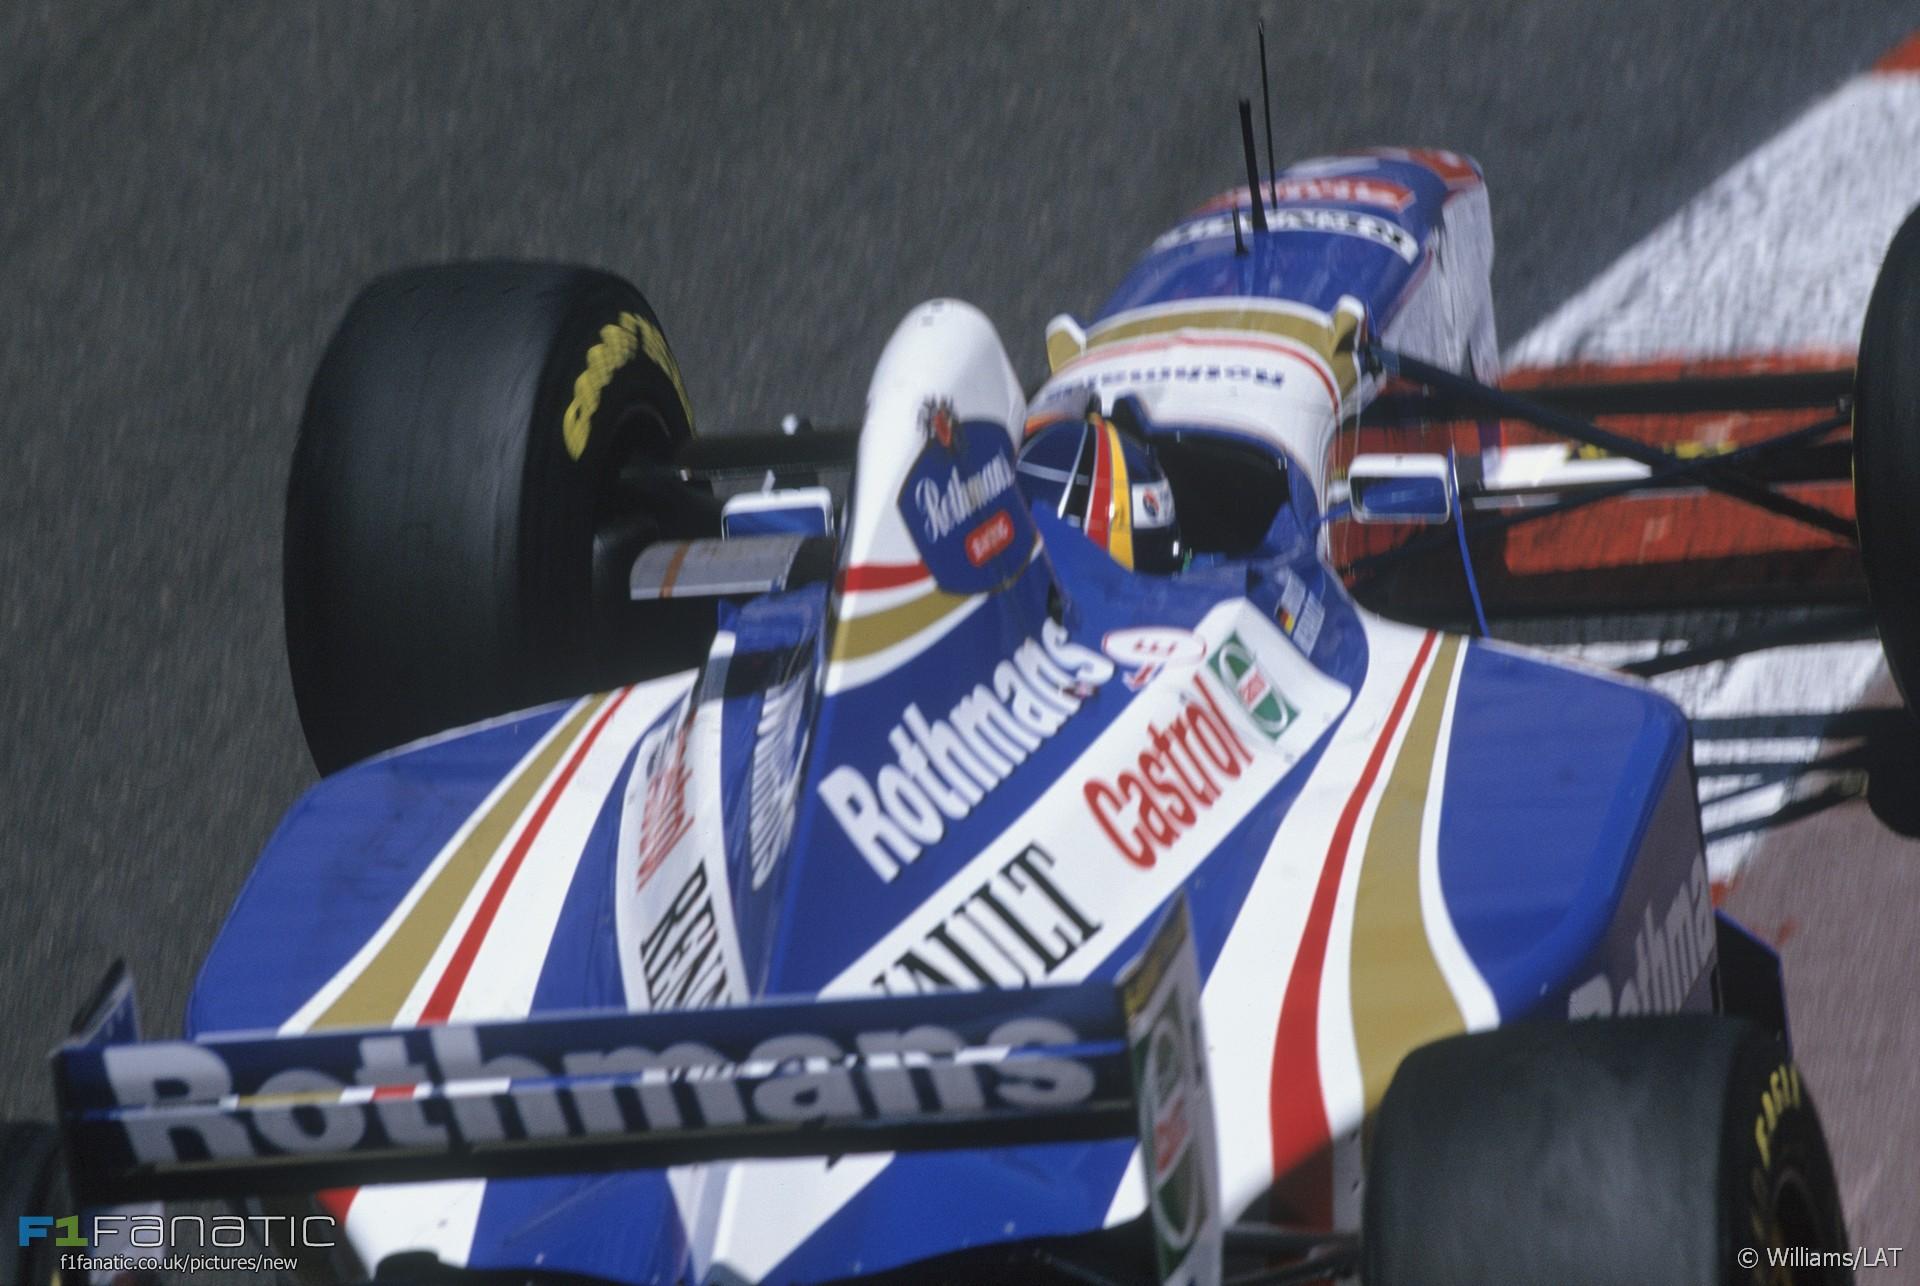 Williams, 1997